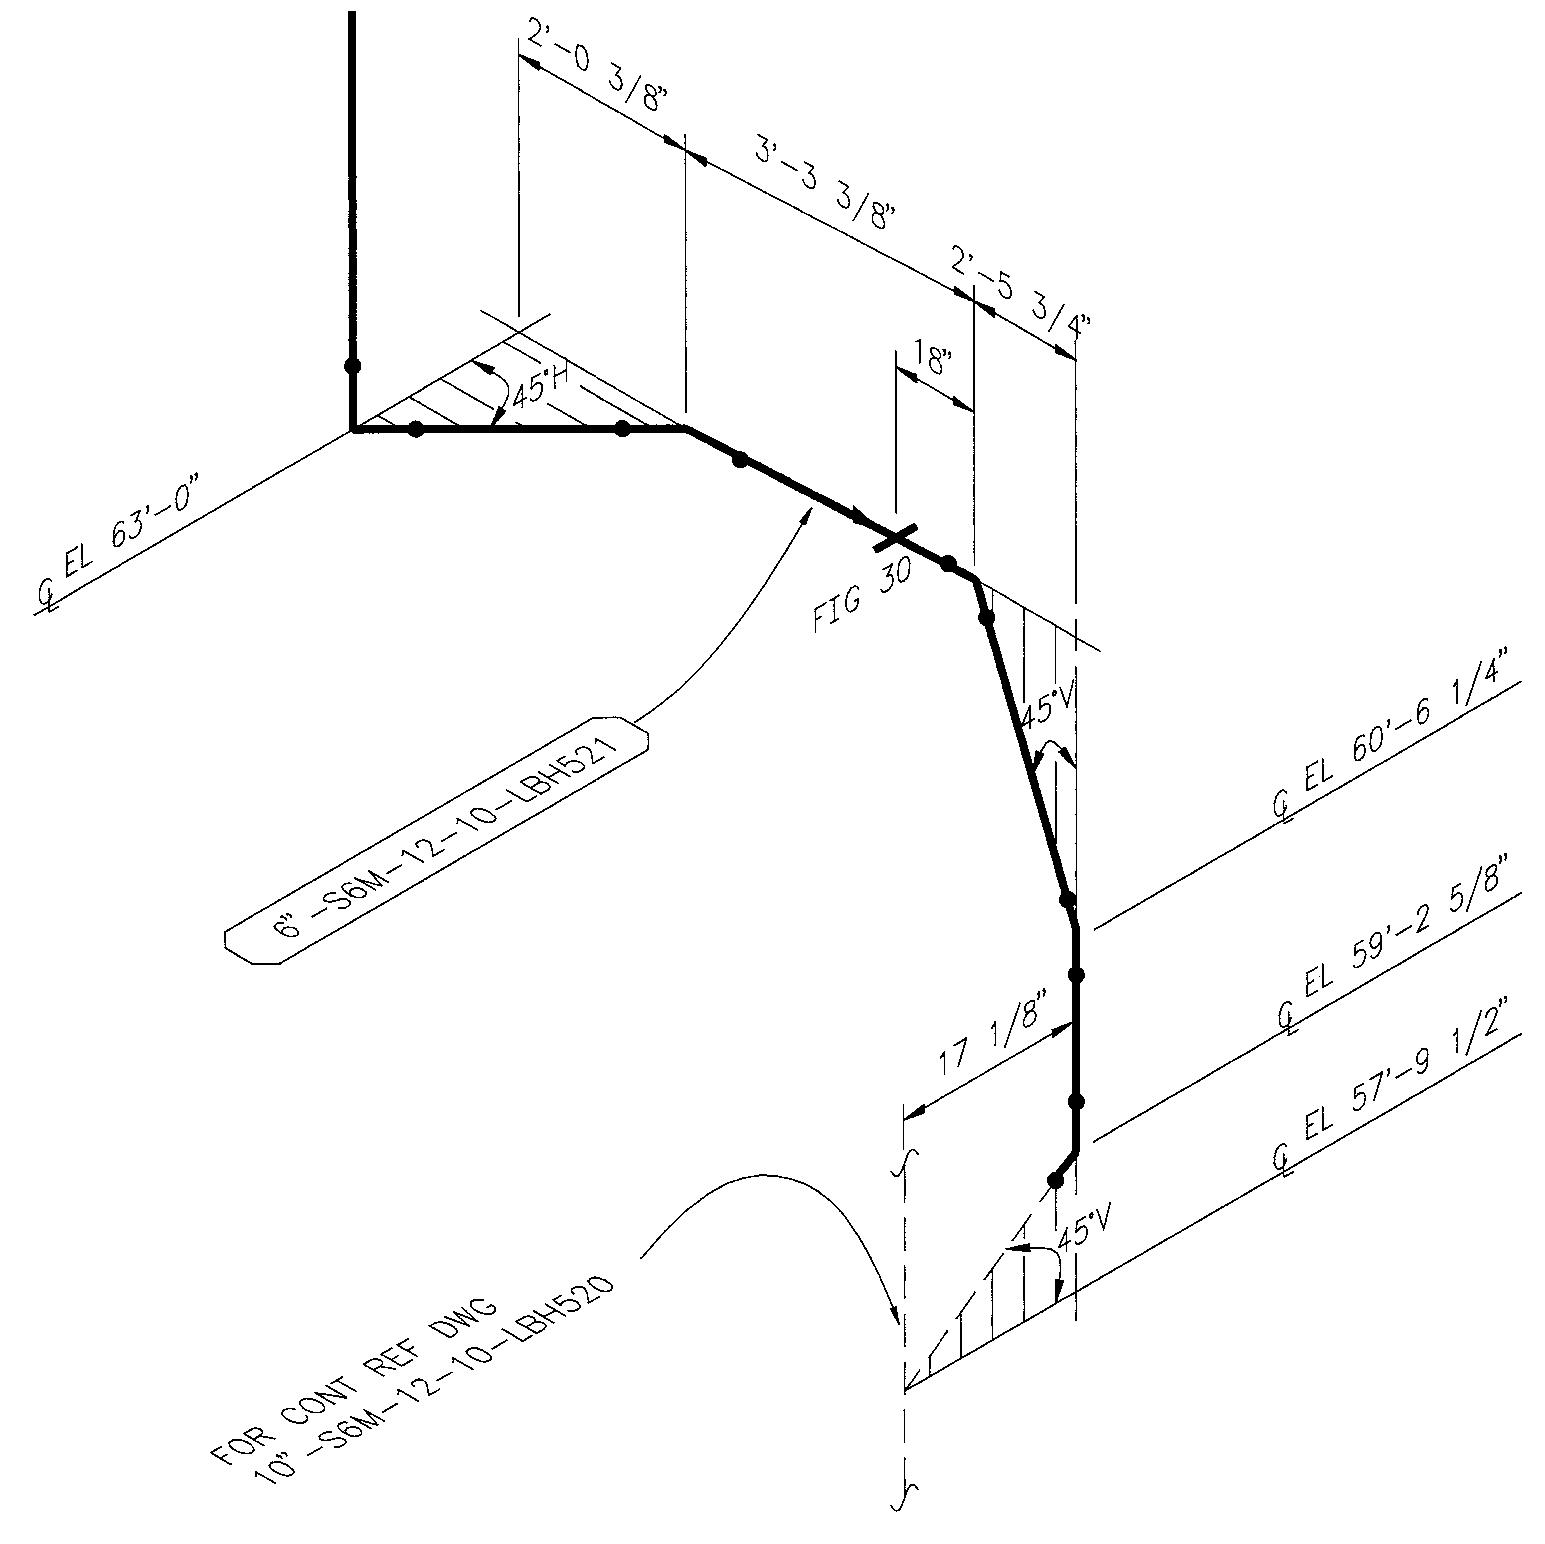 piping drawing and symbols